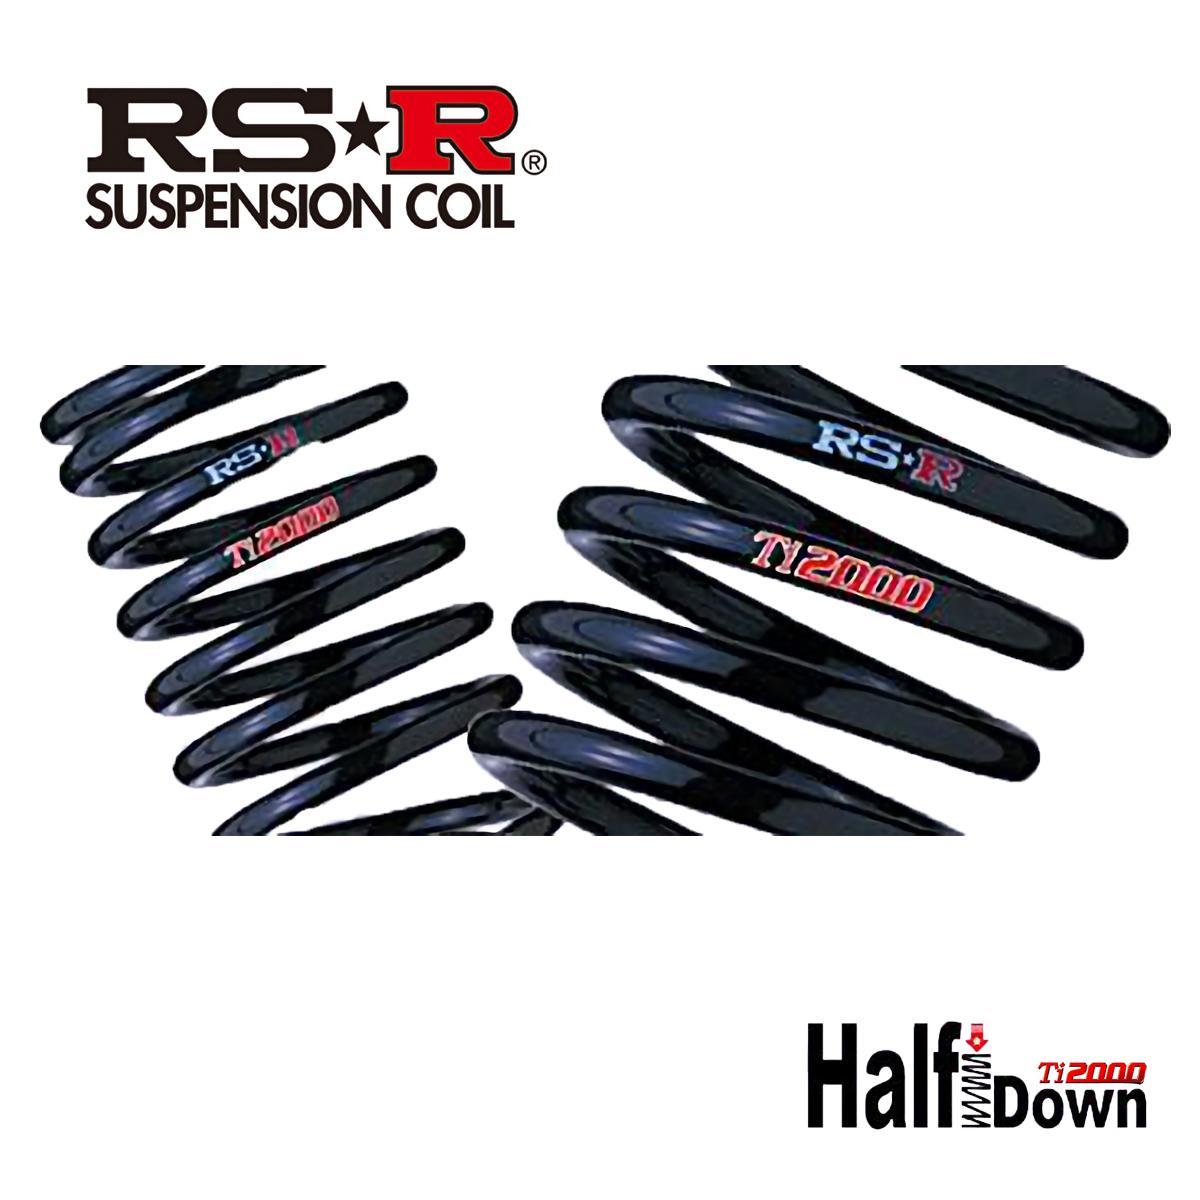 RS-R クロスビー ハイブリッドMZ MN71S ダウンサス スプリング 1台分 S402THD Ti2000 ハーフダウン RSR 個人宅発送追金有